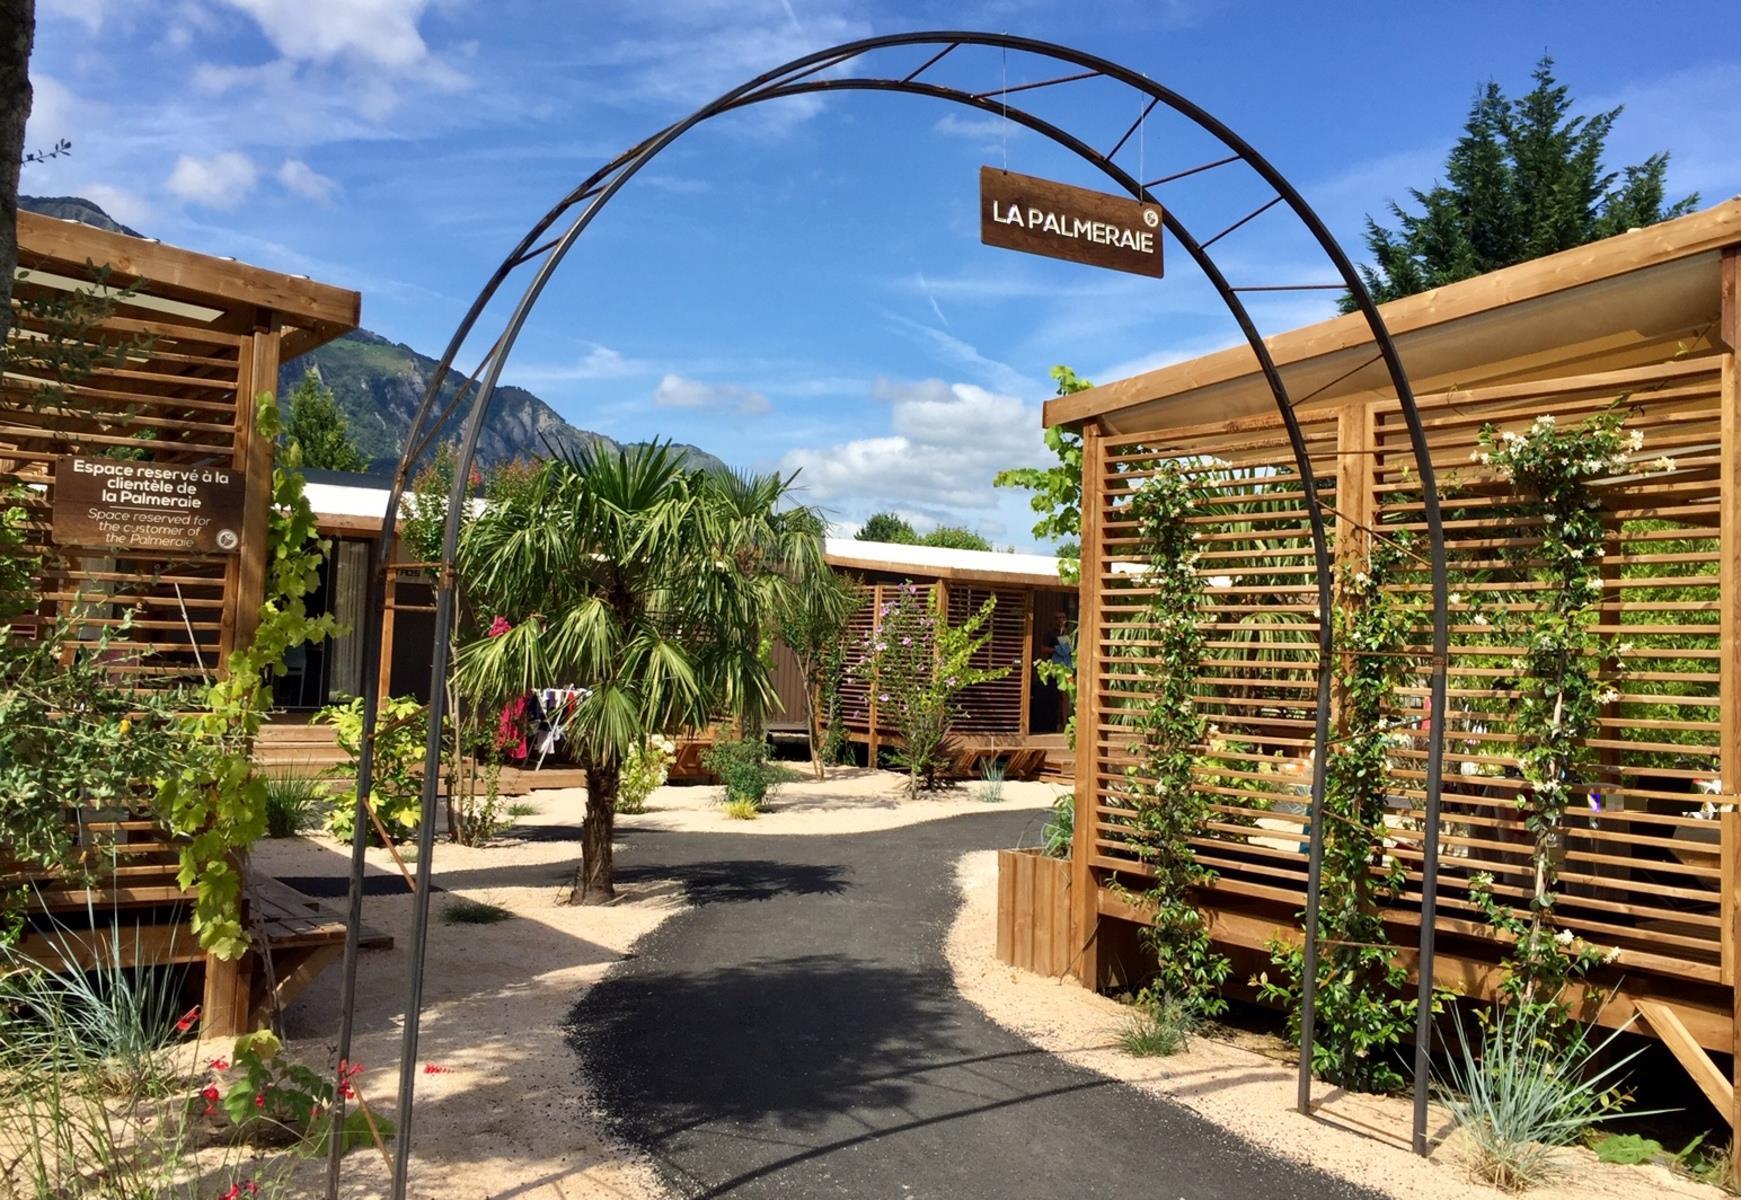 Location - Sunelia Prestige Palmeraie 40M² (3 Chambres + 2 Salles De Bain) Wifi Offert Et 1 Vélo Électrique - Sunêlia Camping Les 3 Vallées